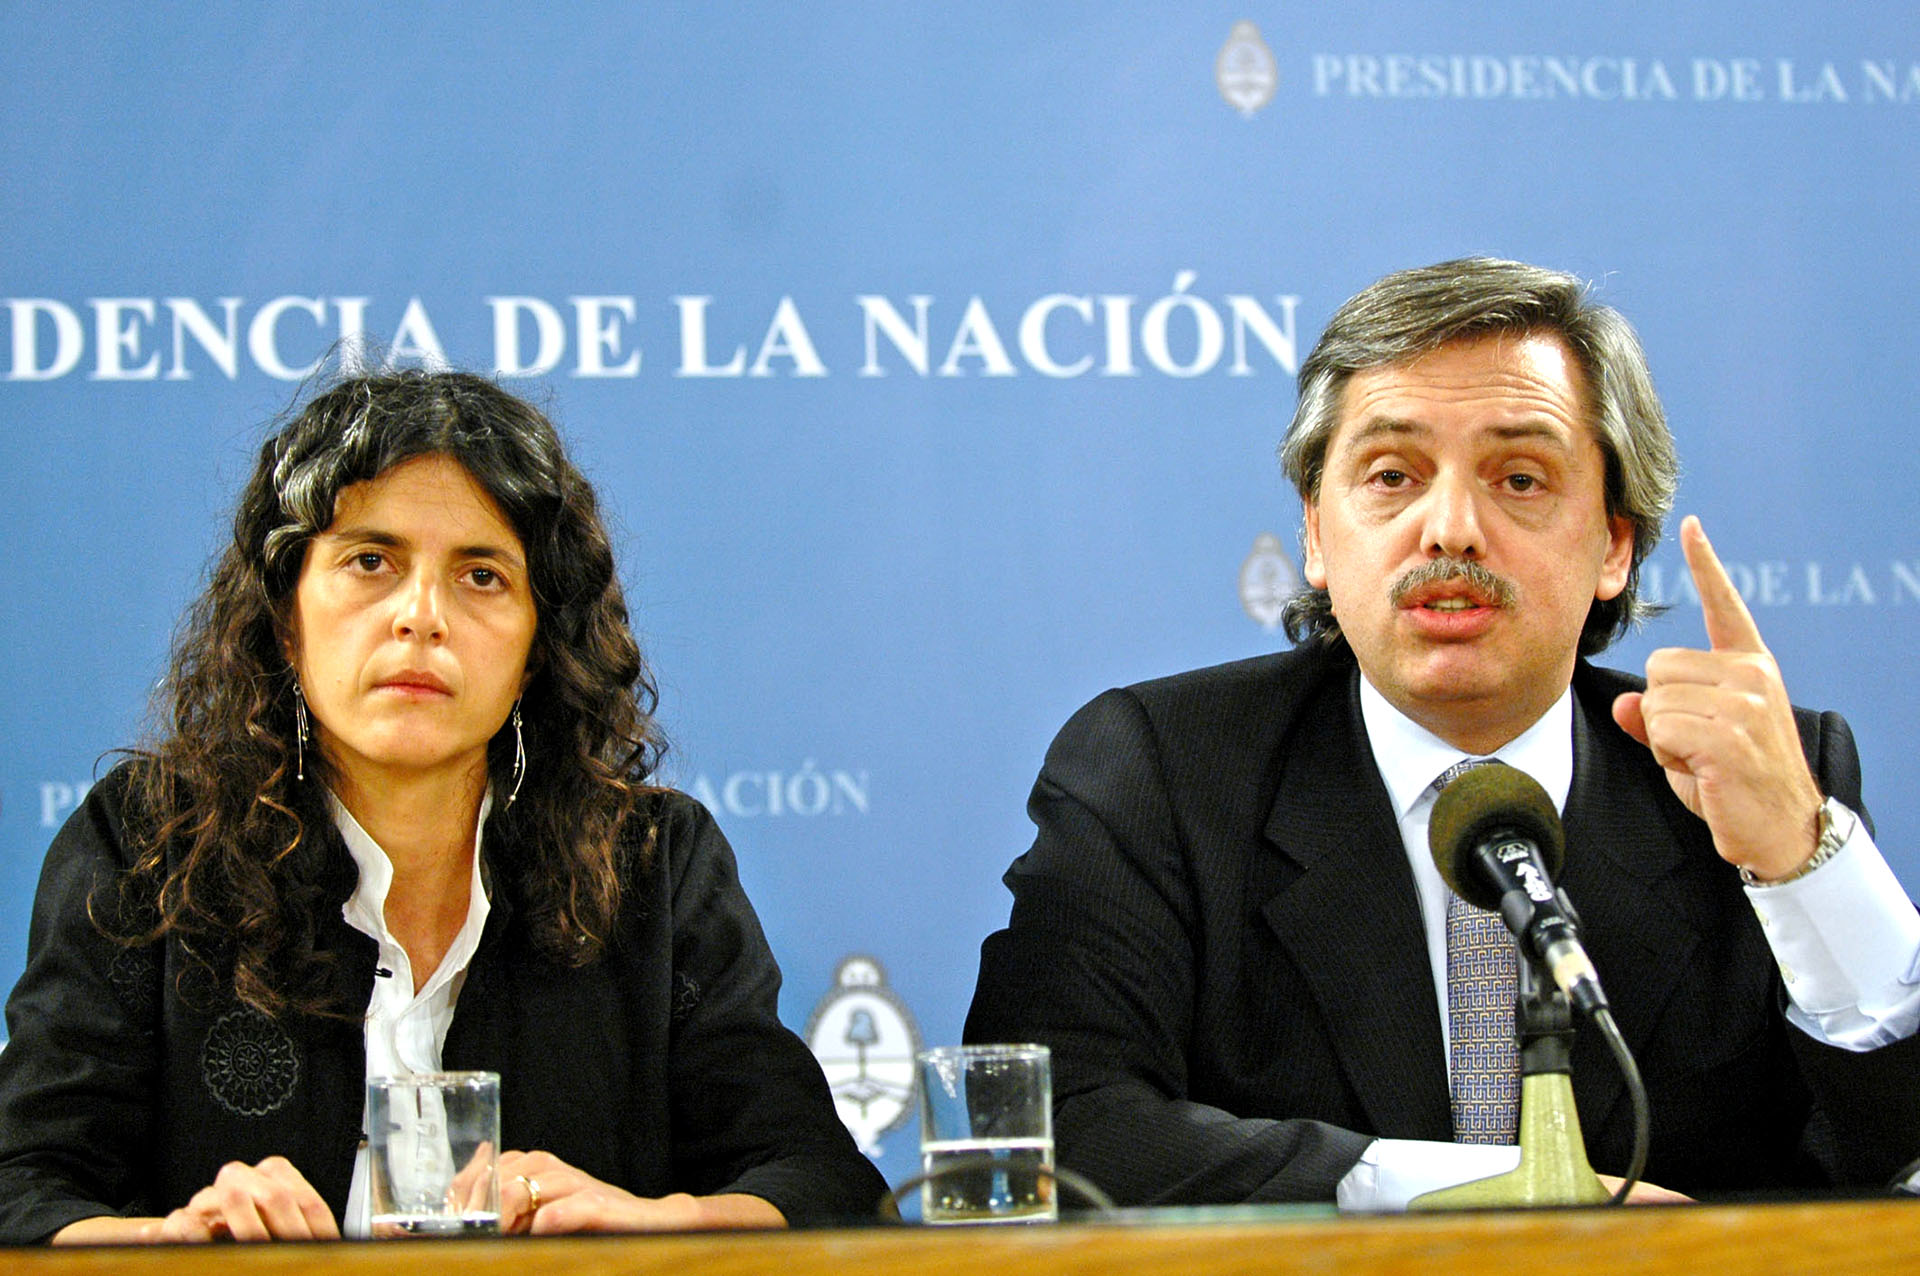 El 11 de julio de 2007 respaldó en conferencia de prensa a la secretaria de Medio Ambiente, Romina Picolotti, sospechada de